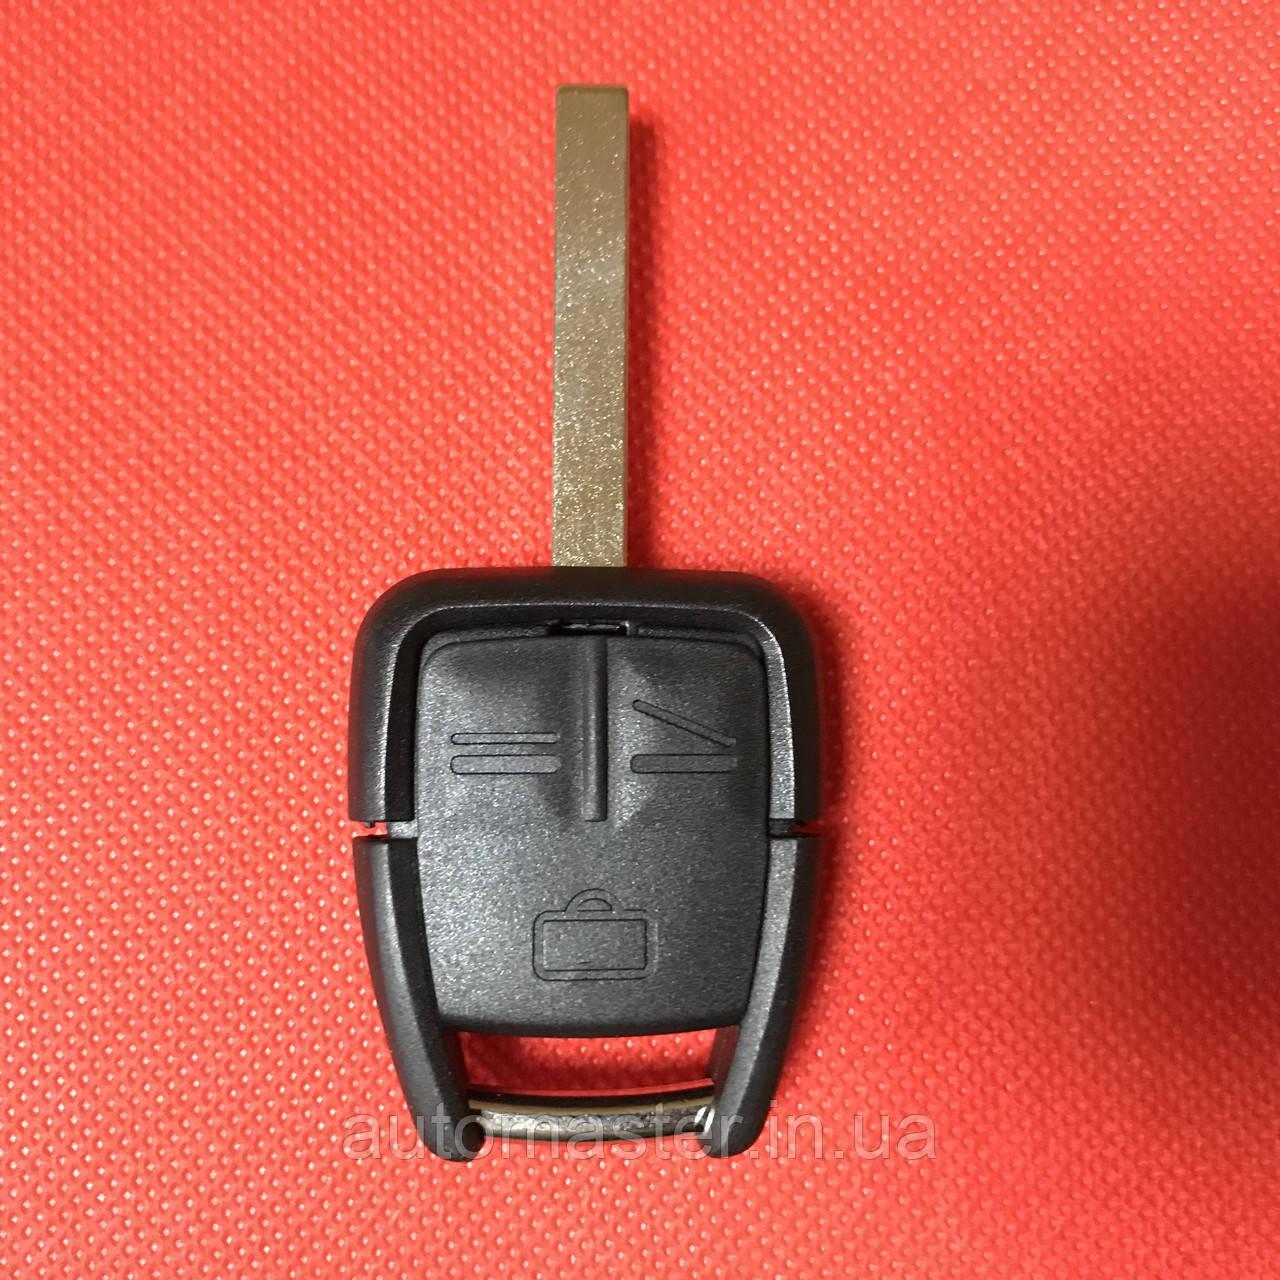 Ключ корпус для Opel (Опель) Астра, Омега, Вектра, Тигра, Зафира Omega, Vectra, Astra 3 - кнопки HU100